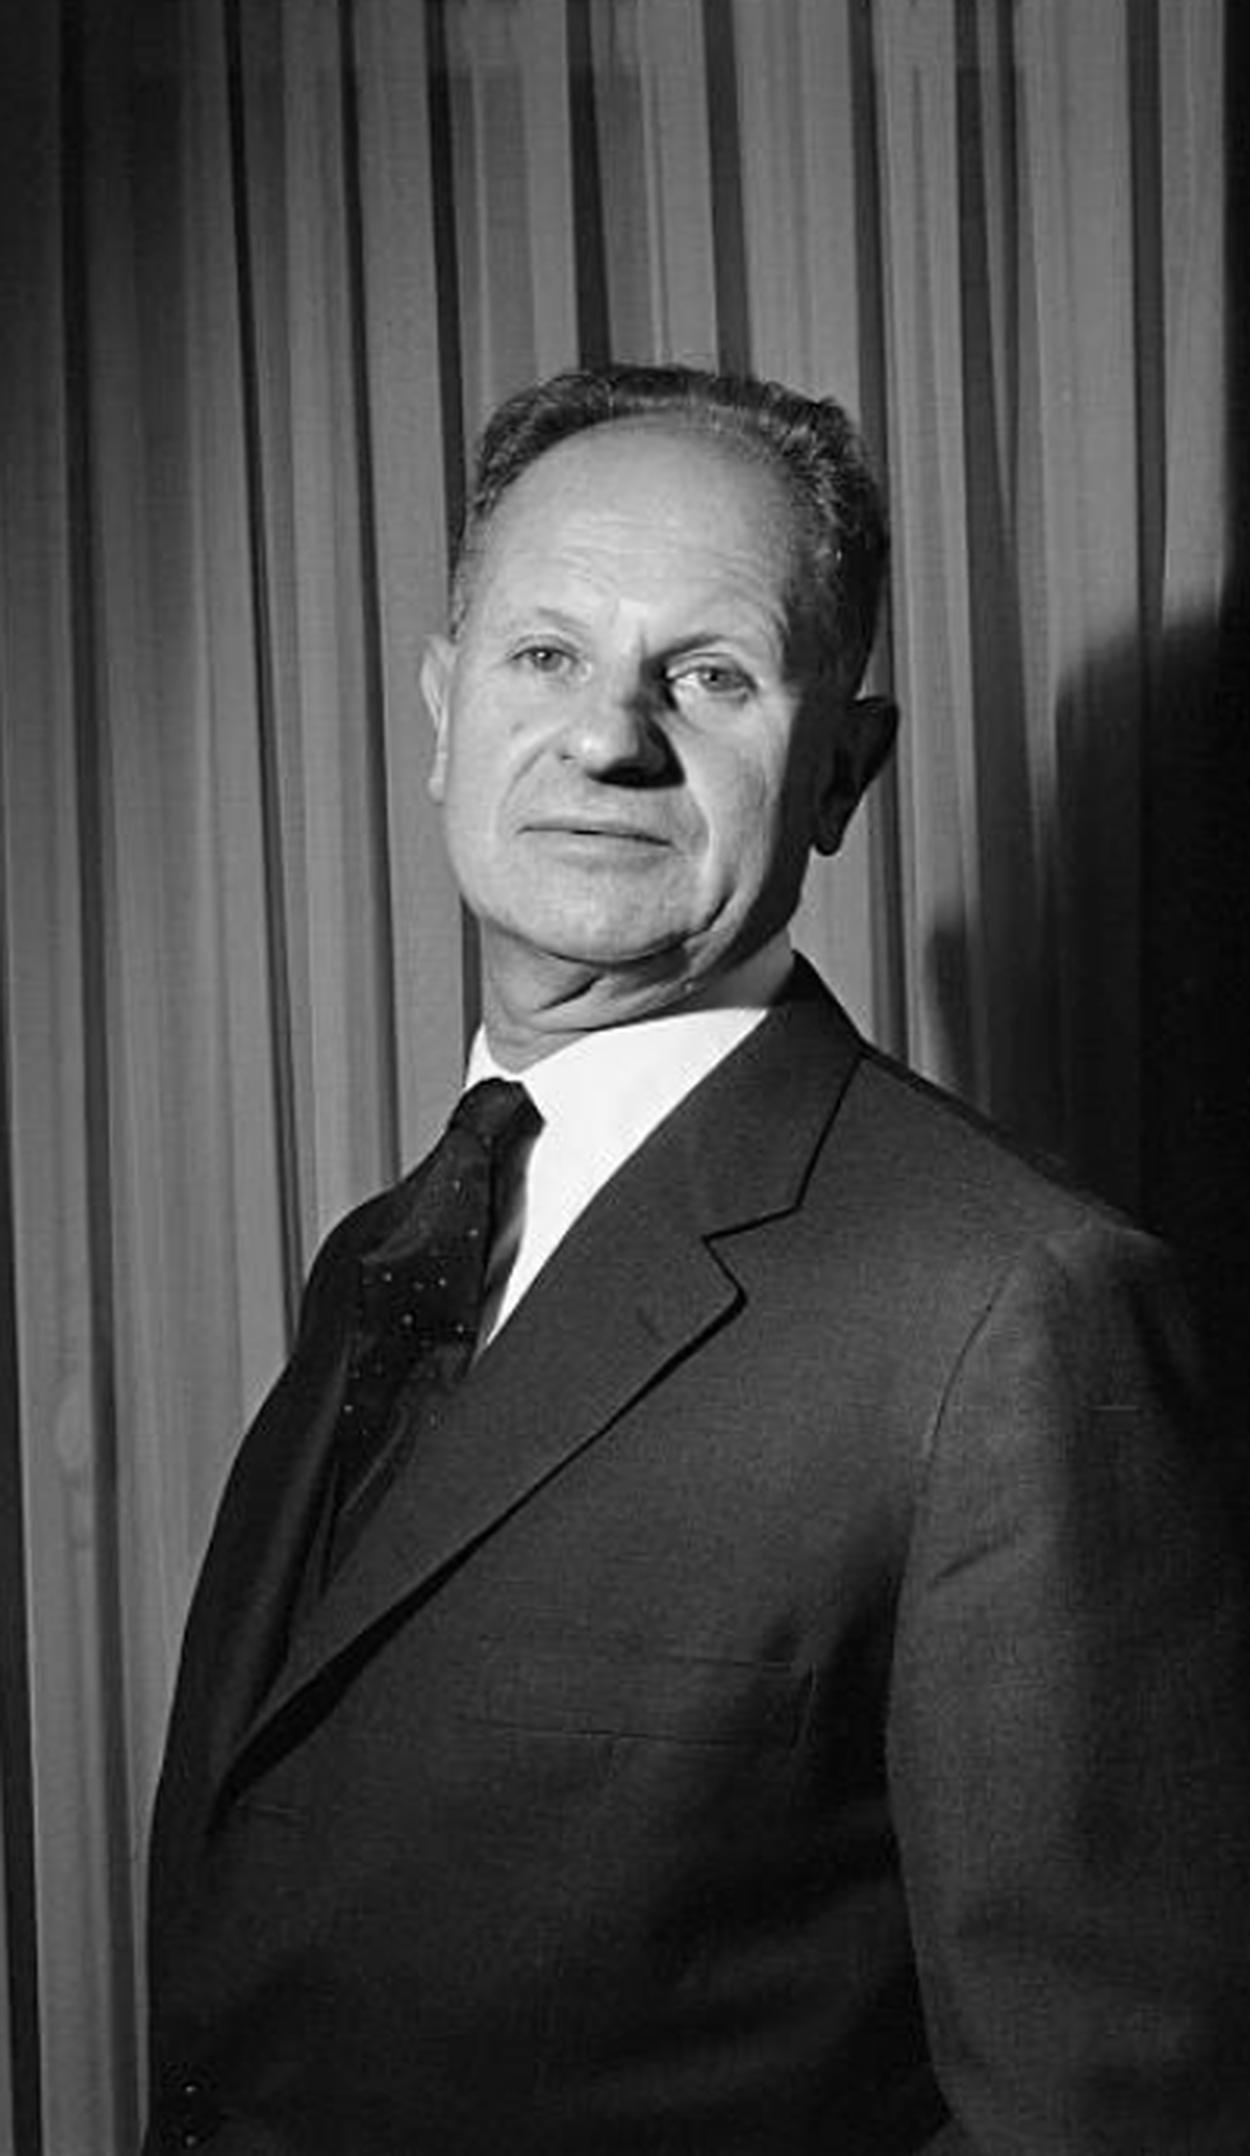 Manuel ROSENTHAL, cité d'un portrait fait par Louis Joyeux / INA en 1962, Cliquer sur la photo pour une vue agrandie et quelques infos